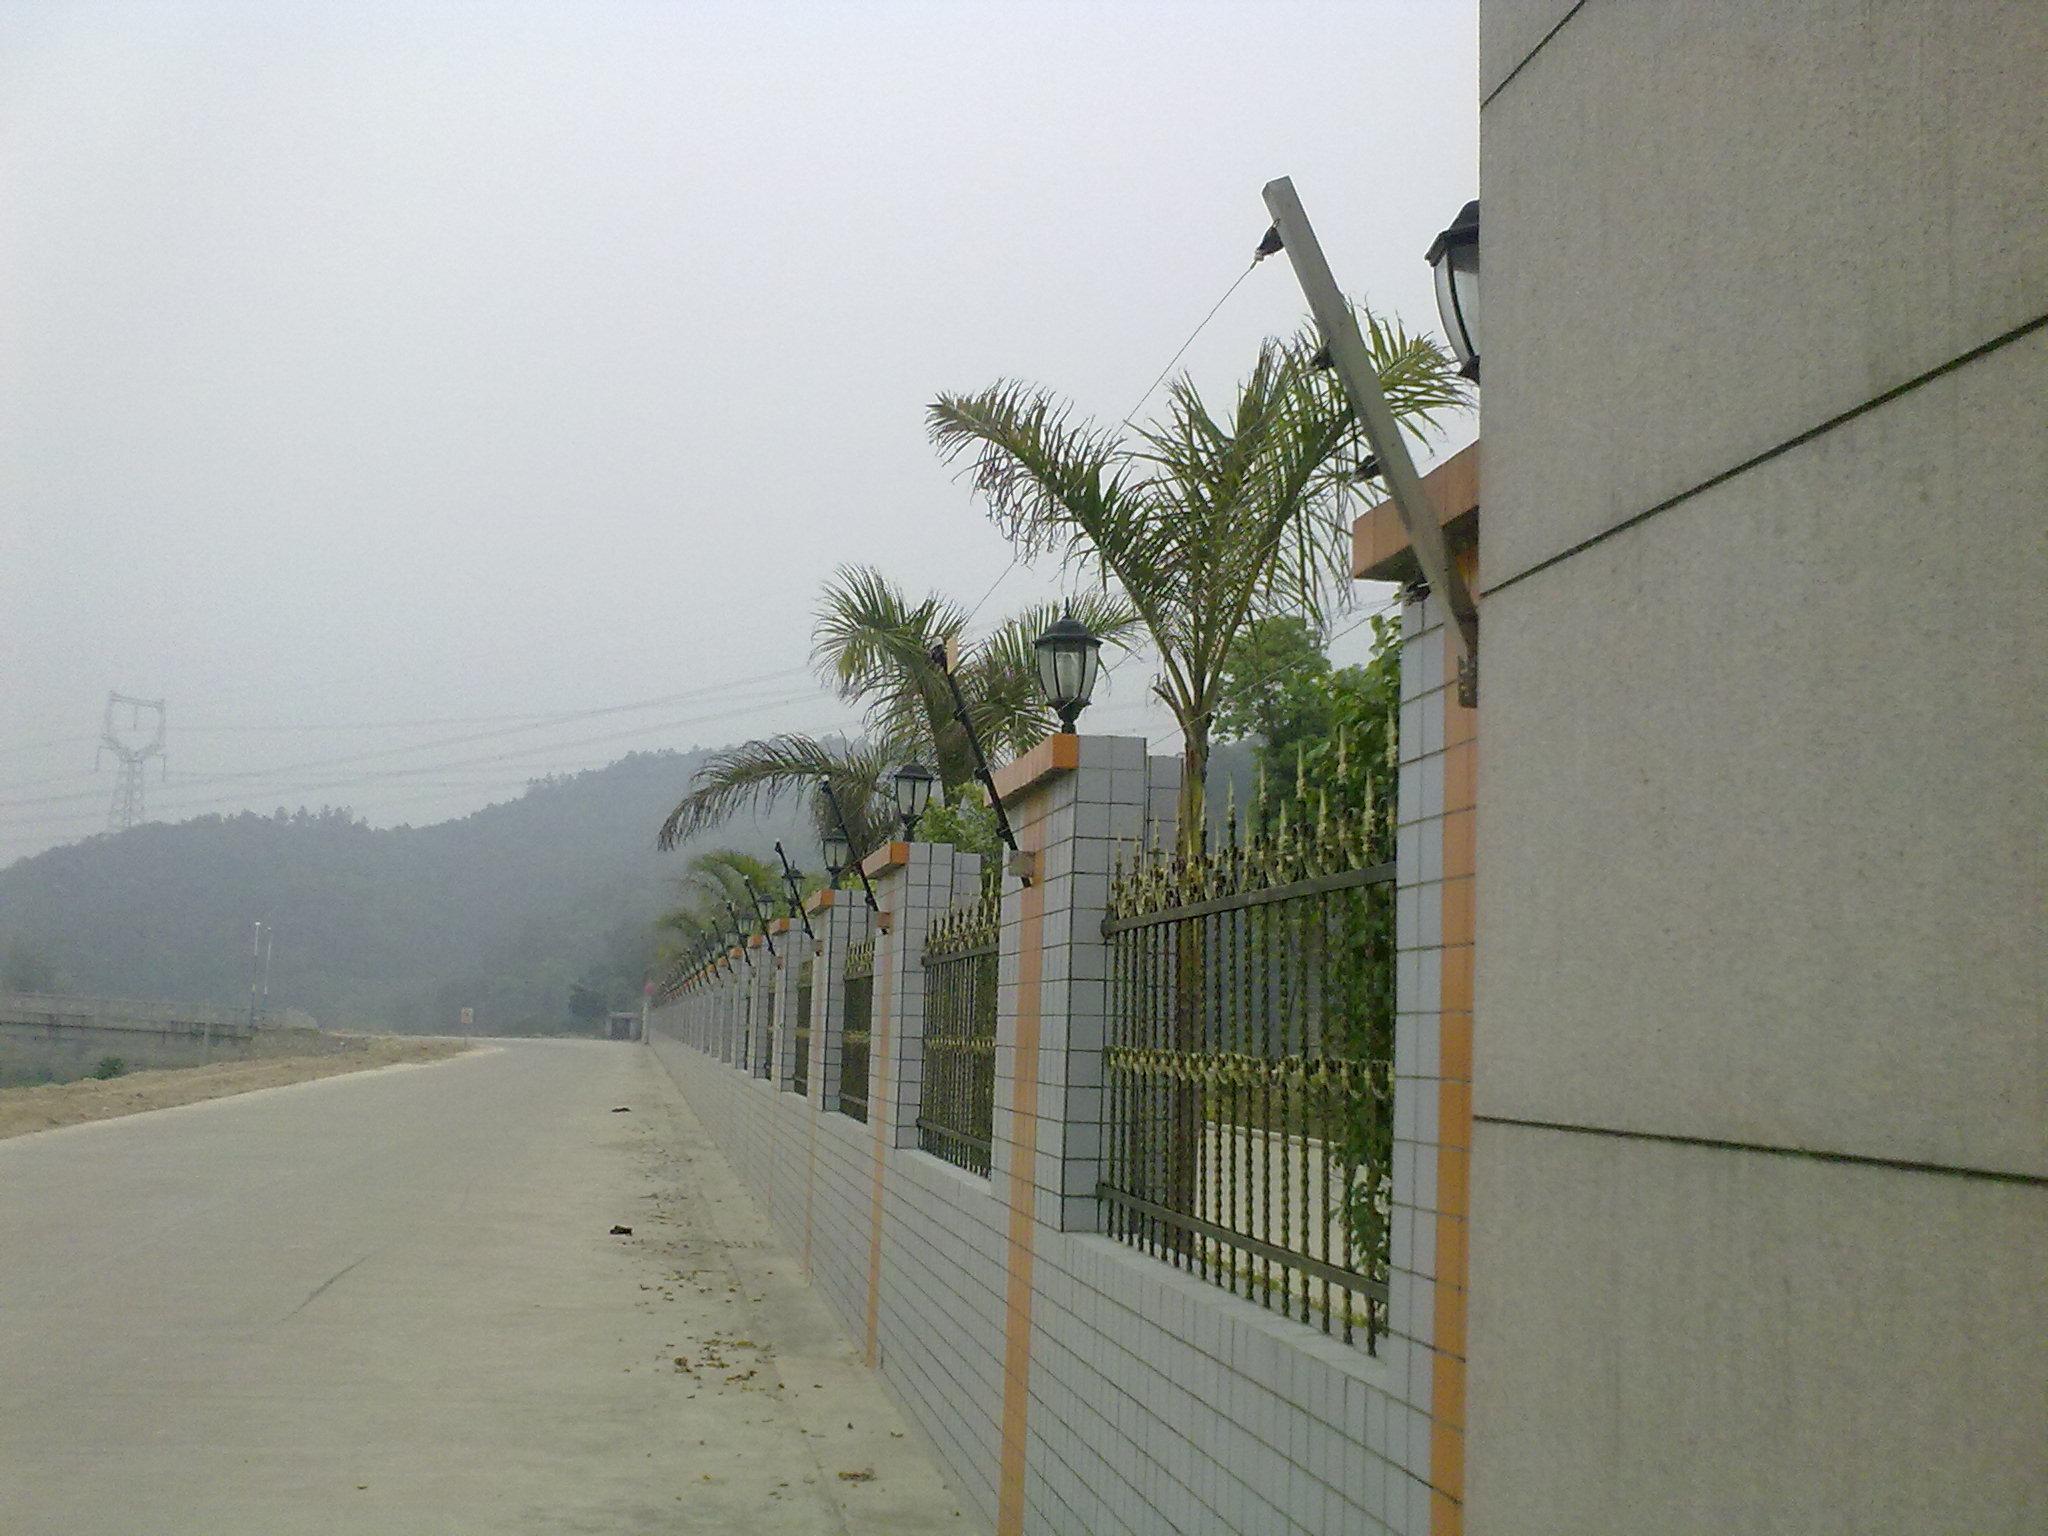 1.1产品设计依据 GB/T7946-2008《脉冲电子围栏及其安装和安全运行》 JB/T5163-2007《中华人民共和国机械行业标准》 1.2产品特性 电子围栏系统,就是在非出入通道的周边区域设置脉冲电子围栏探测器,形成一道电子围墙进行防范和管理。当有人试探接触脉冲电子围栏时,就会被脉冲电子围栏上的高压脉冲击退,若有人破坏或强行入侵时,探测器探测到电子围栏被破坏和有人非法翻越时造成的电子围栏线短路、接地或断路时,探测器发出报警信号,并通过报警线路传输至管理中心。管理中心的保安人员通过电子地图,可